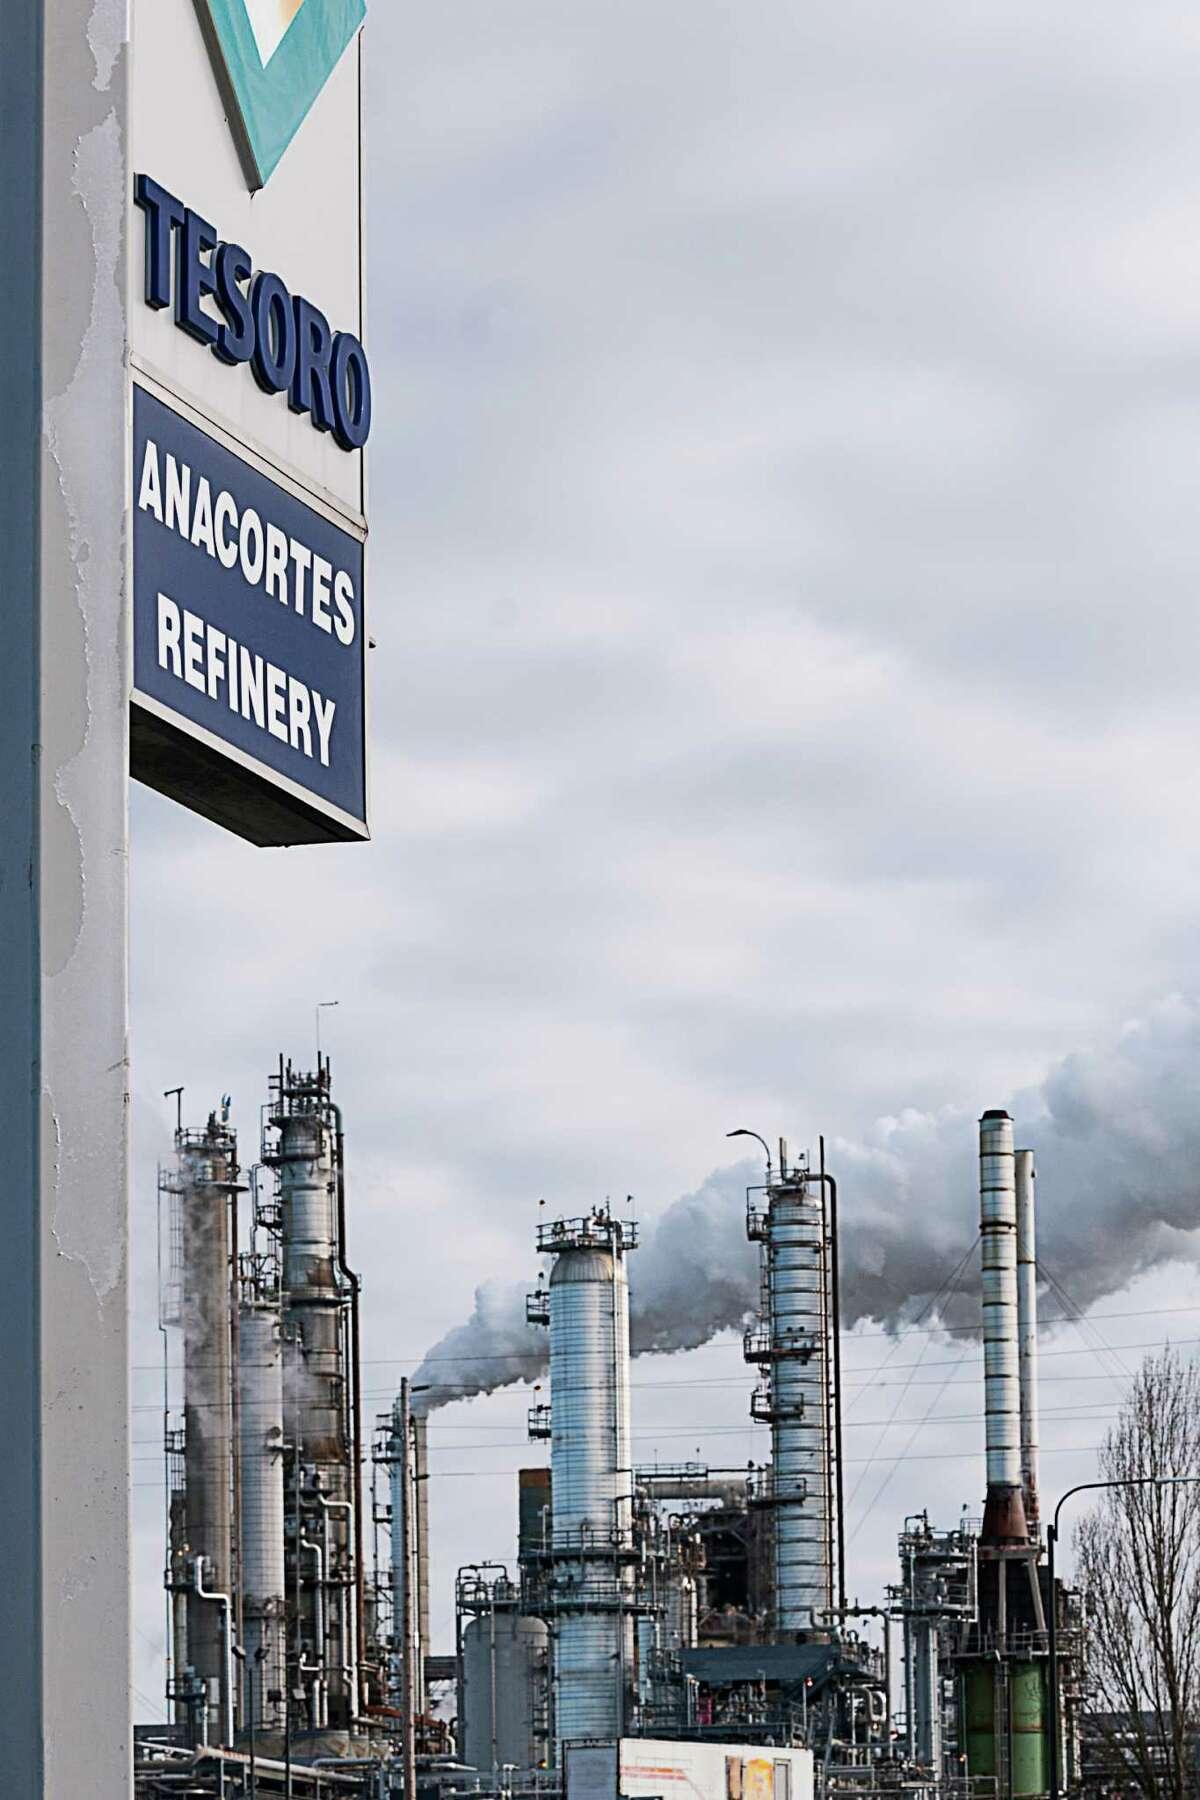 Tesoro wants its refinery in Anacortes, Wash., to handle more North Dakota crude.